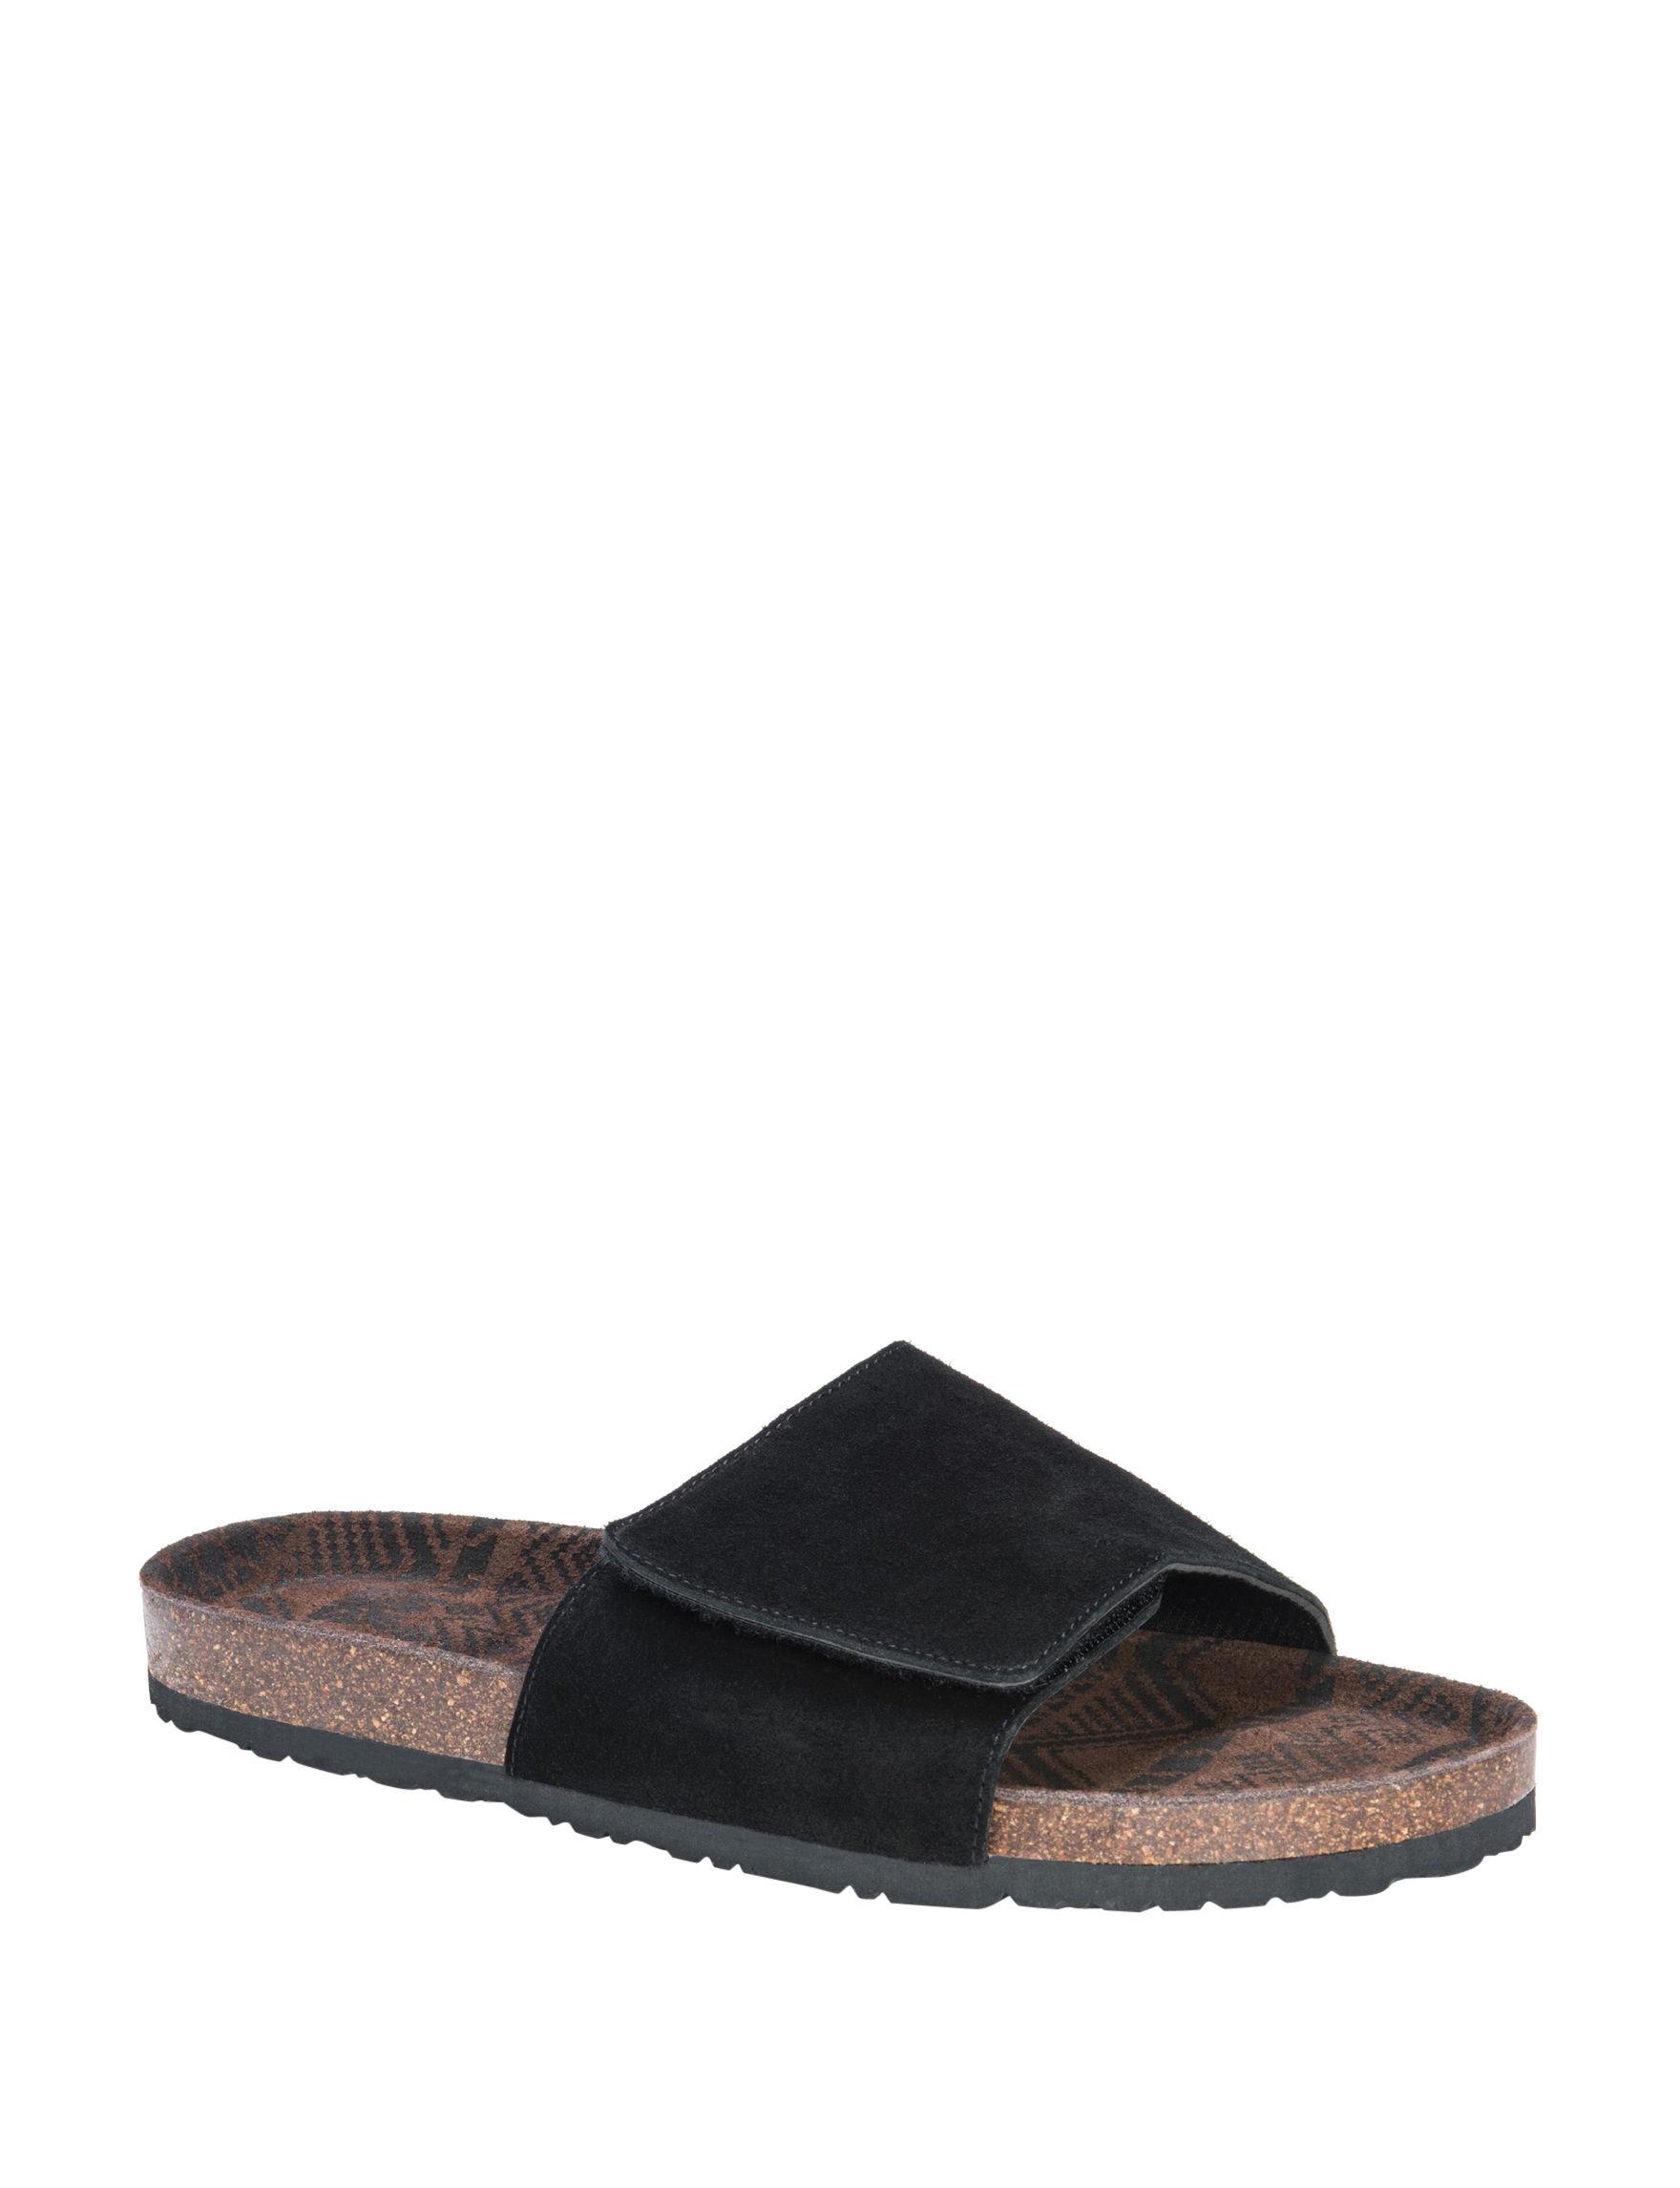 Muk Luks Black Slipper Sandals